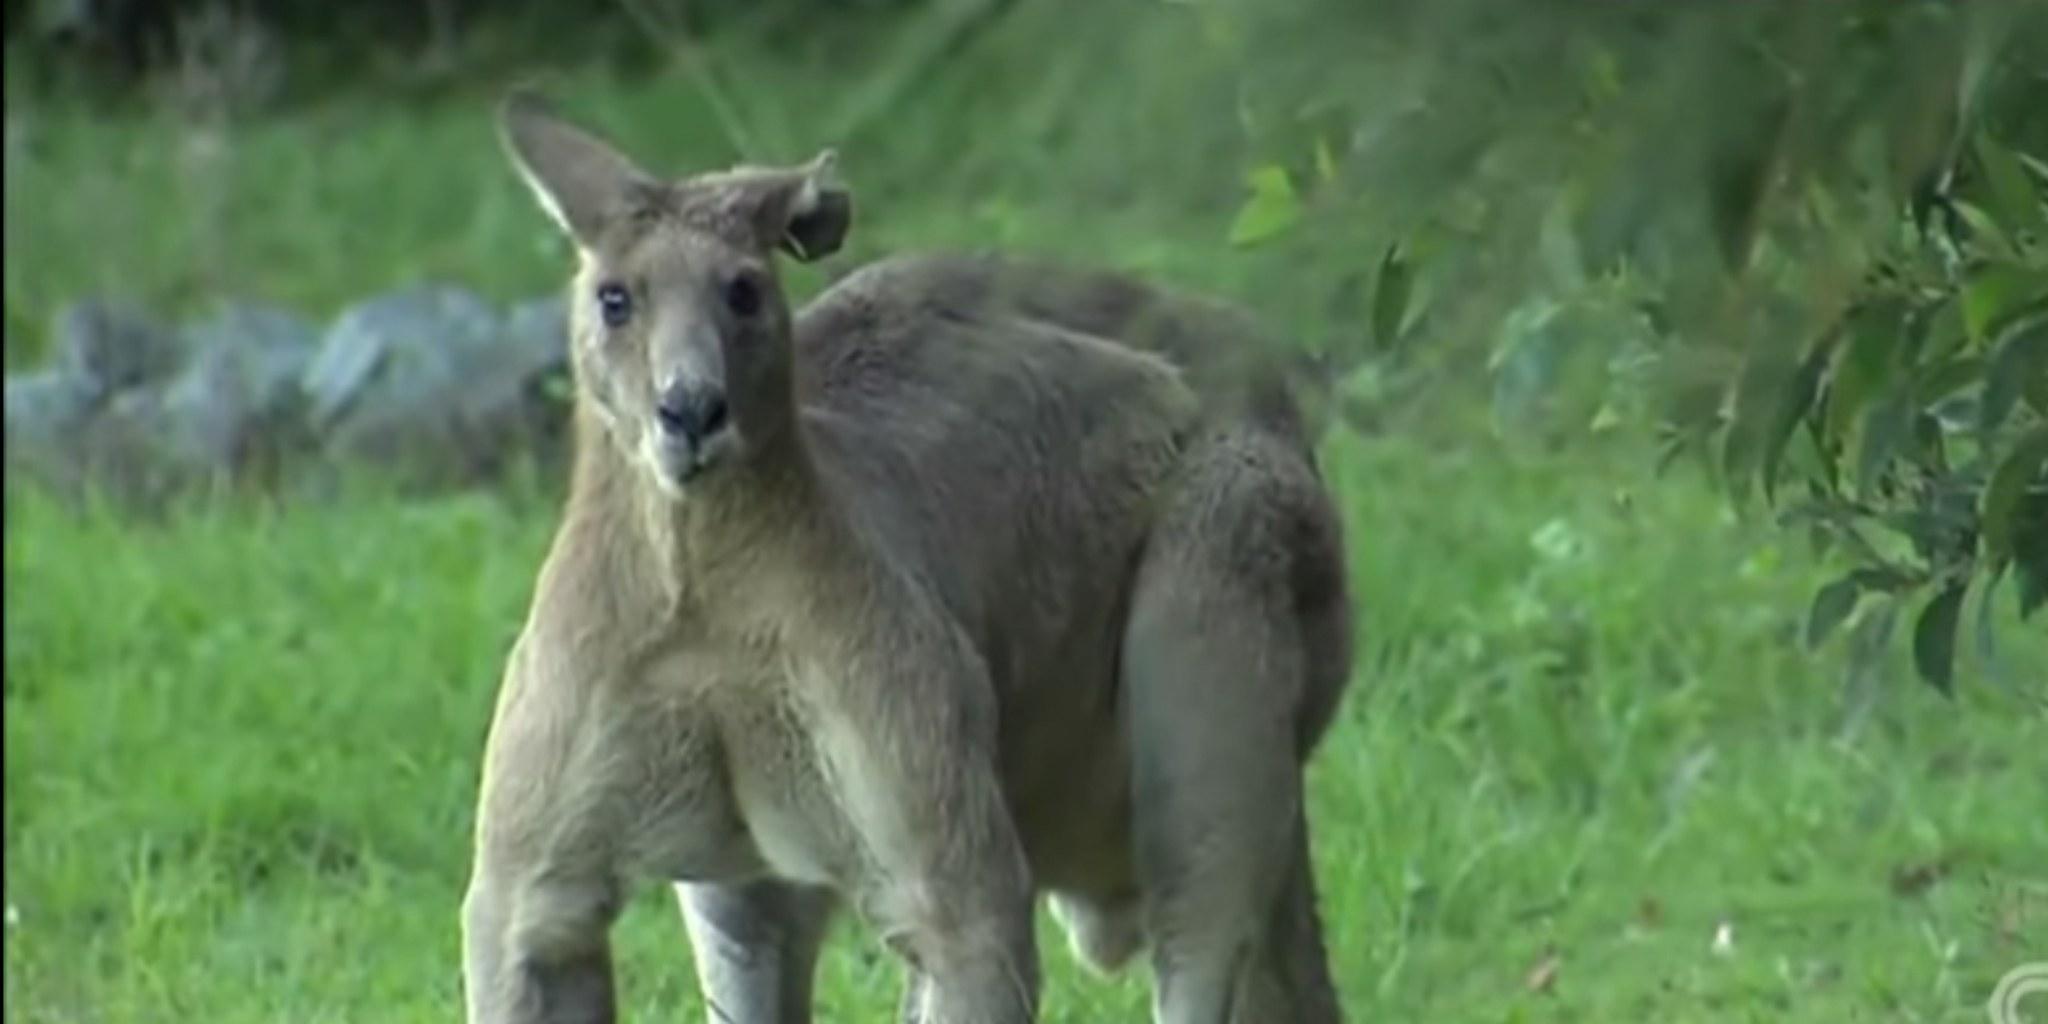 Huge kangaroo hangs out menacingly around Australian neighborhood ...